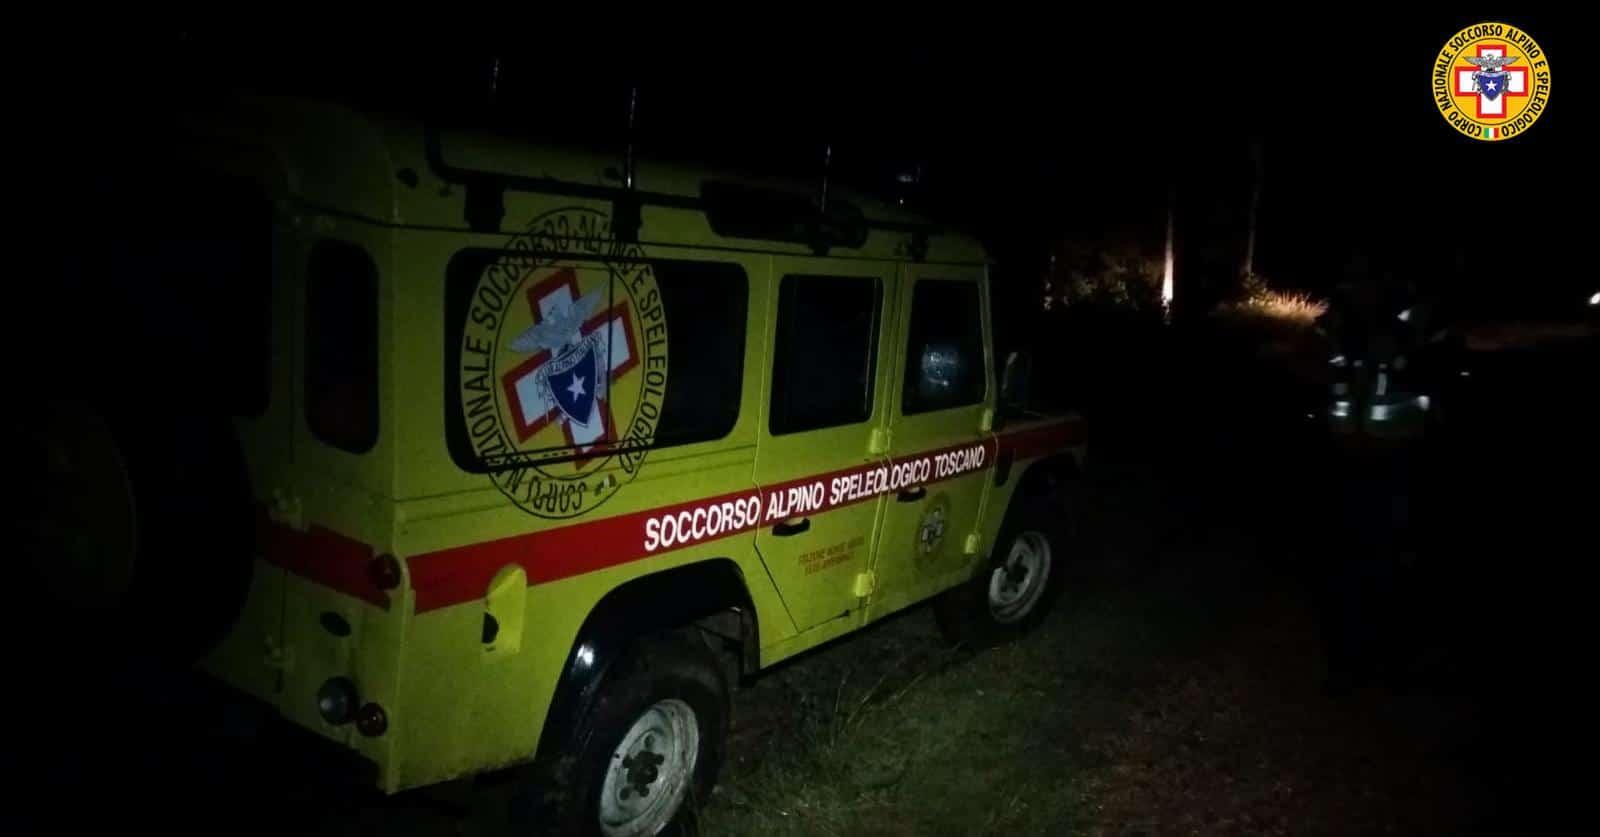 La stazione Monte Falterona del Soccorso Alpino Toscano attivata ieri sera per la ricerca di un'anziana dispersa nel comune di greve in Chianti (FI).